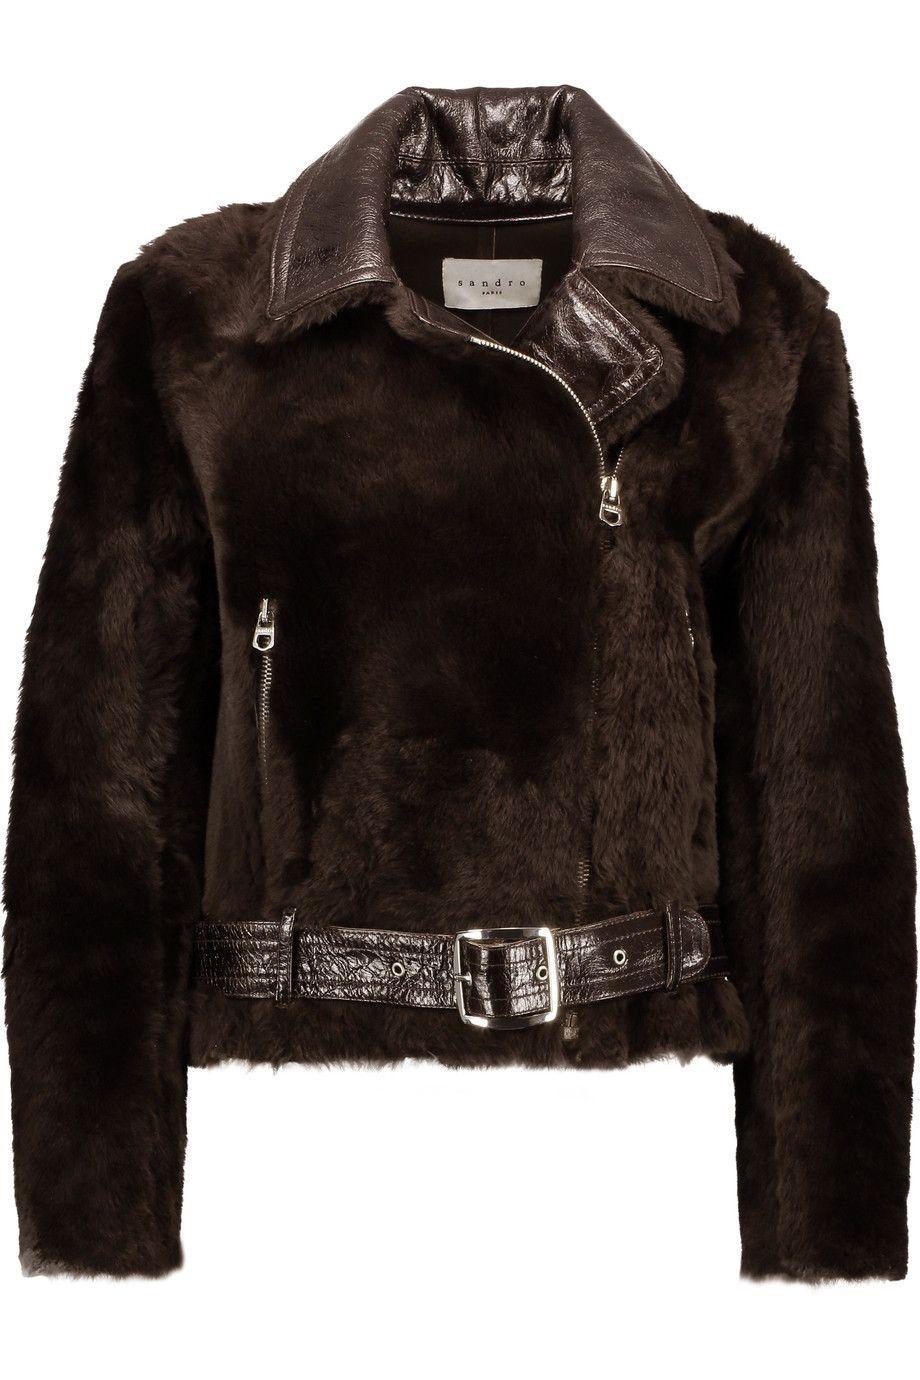 Sandro zip coat